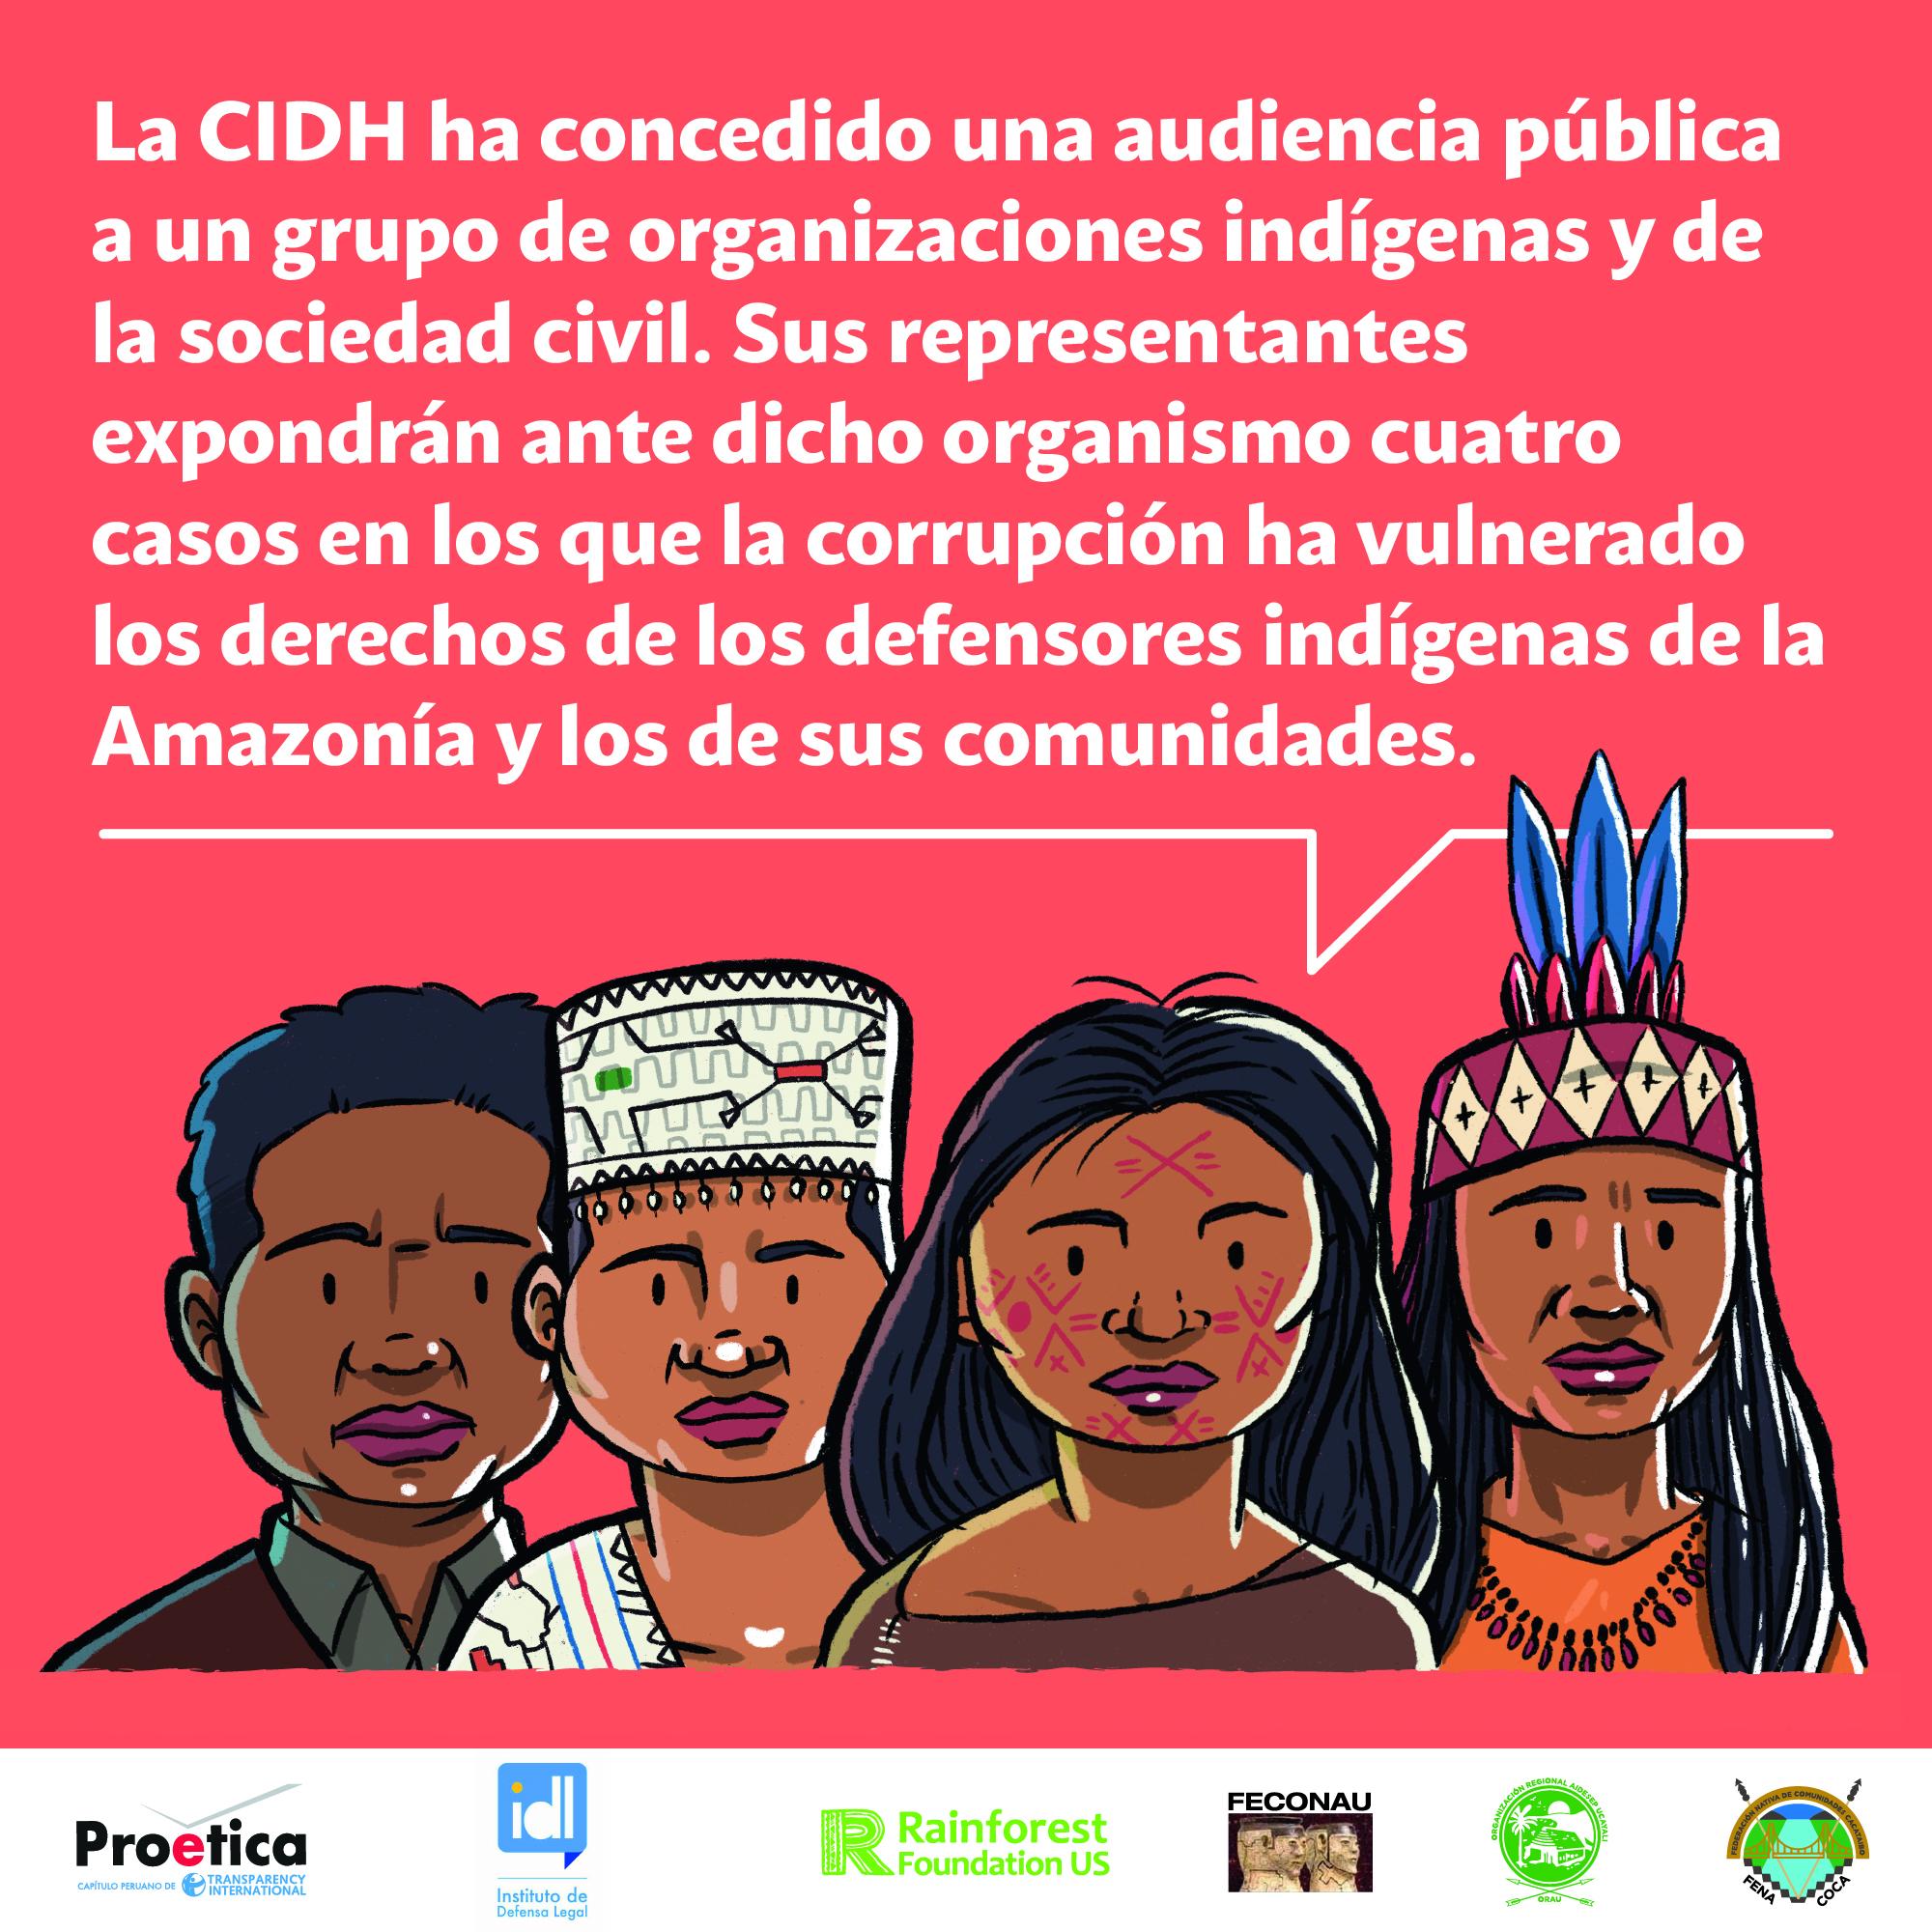 Representantes de pueblos indígenas y sociedad civil se presentarán ante la CIDH para exponer graves casos de corrupción y asesinatos a defensores indígenas